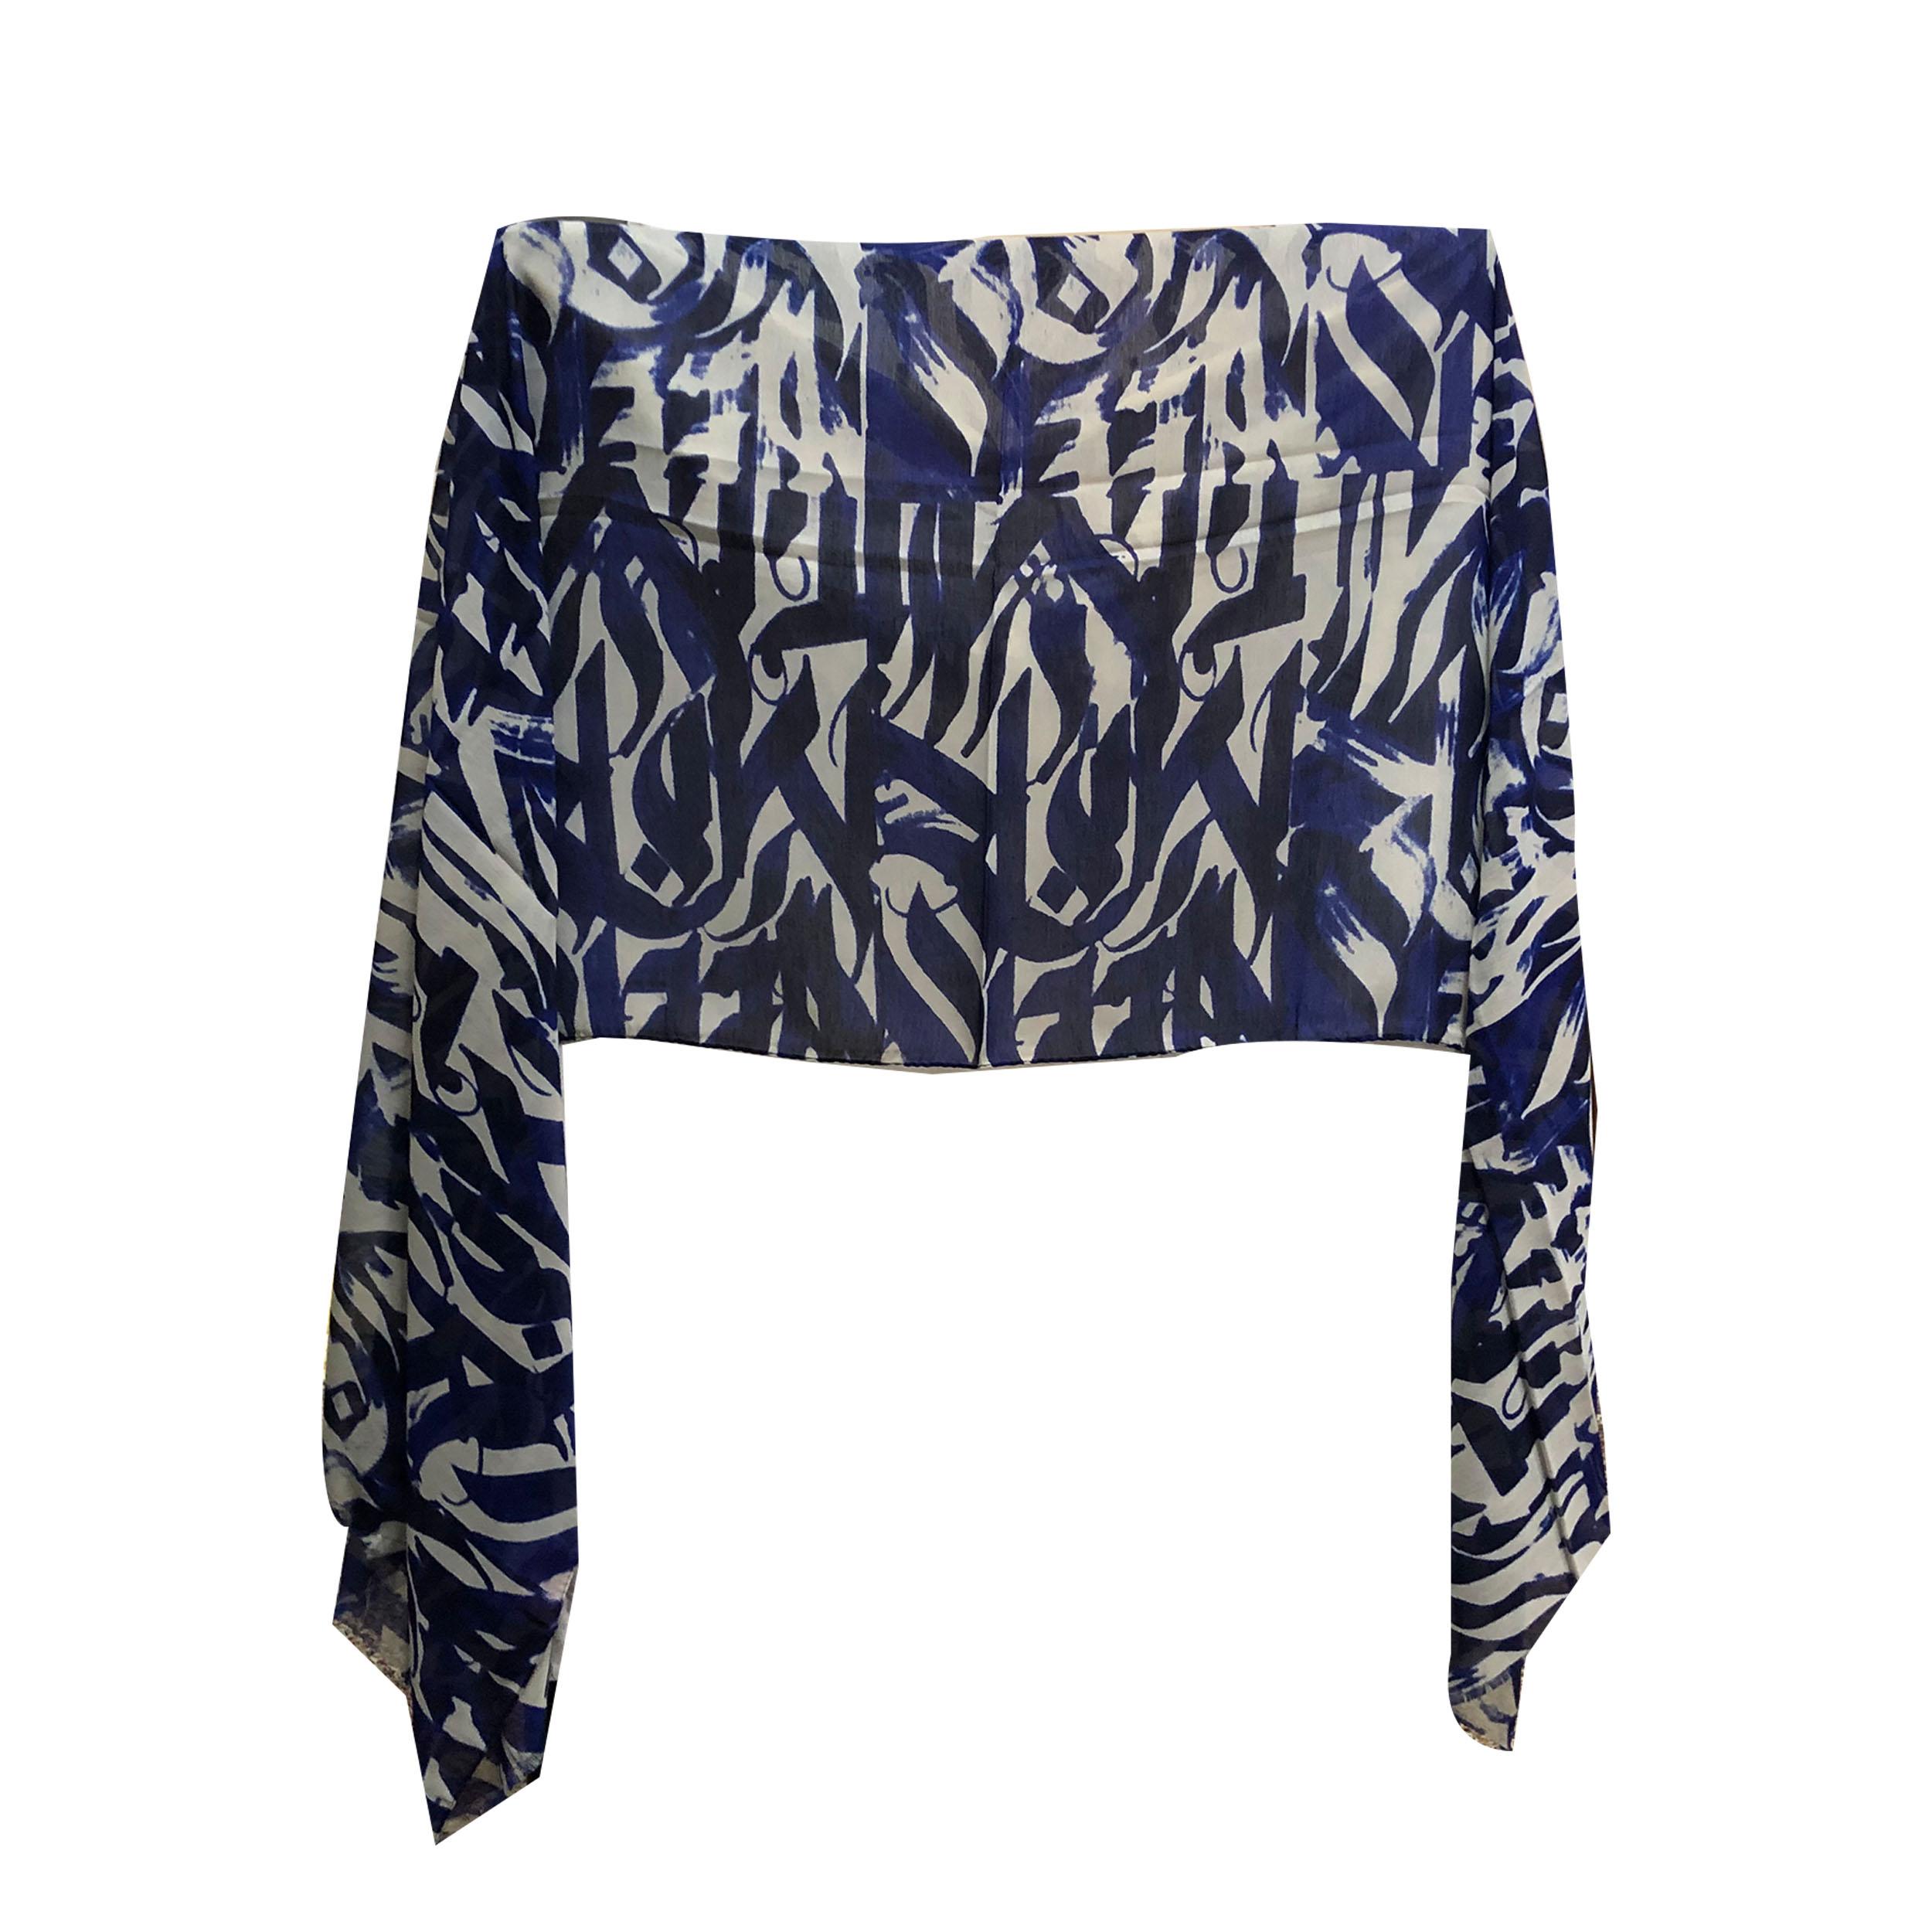 شال زنانه شاین نخی ریشه پرزی  کد 10003